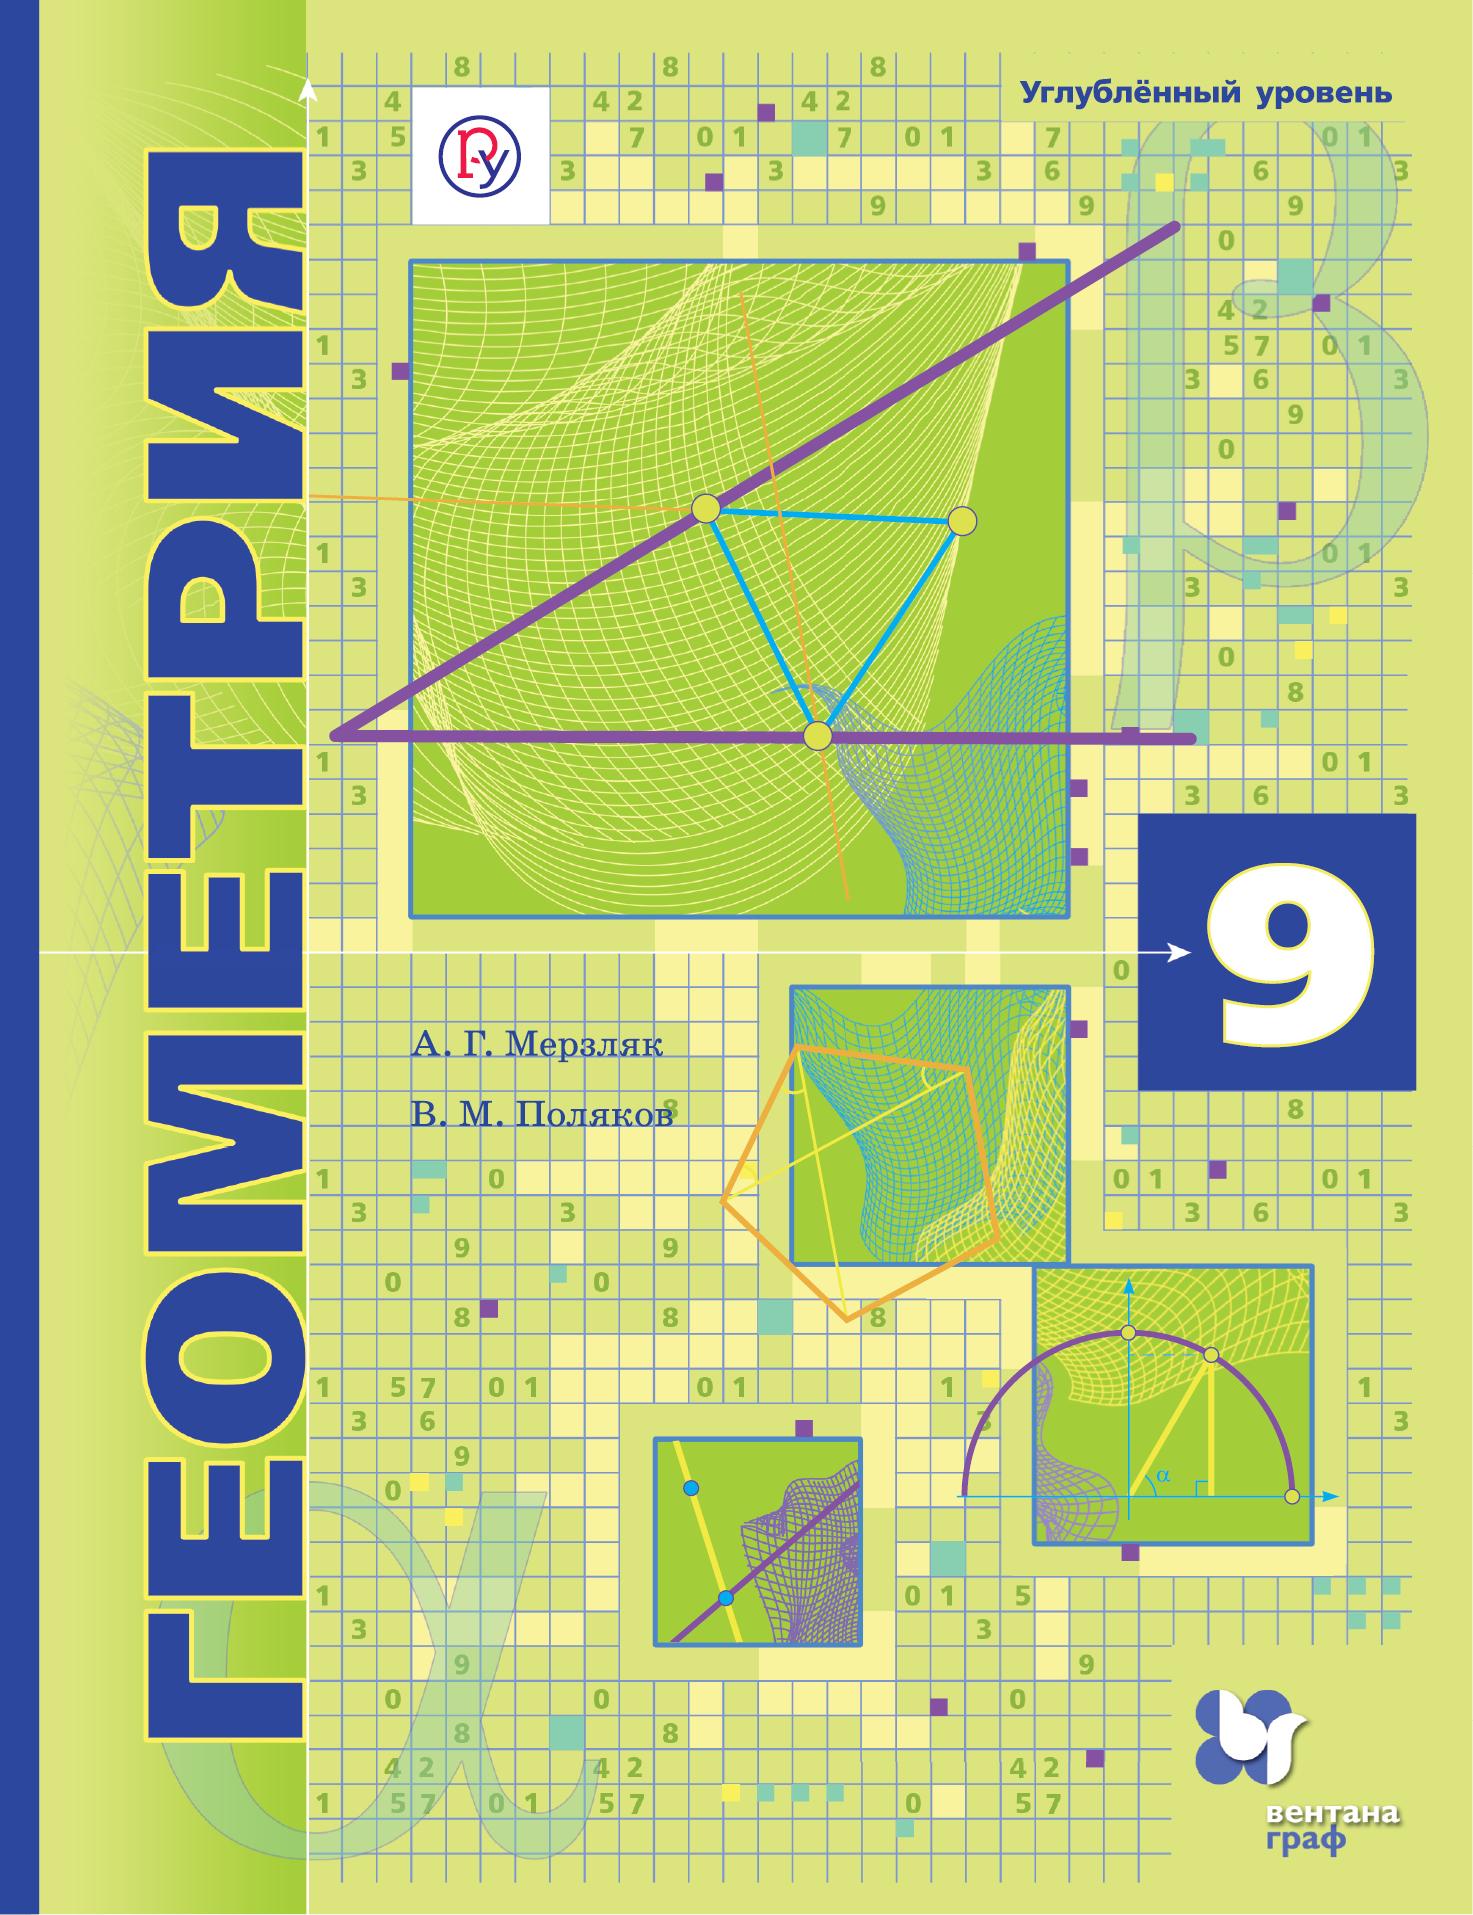 Мерзляк А.Г., Поляков В.М. Геометрия (углубленное изучение). 9 класс. Учебник цена